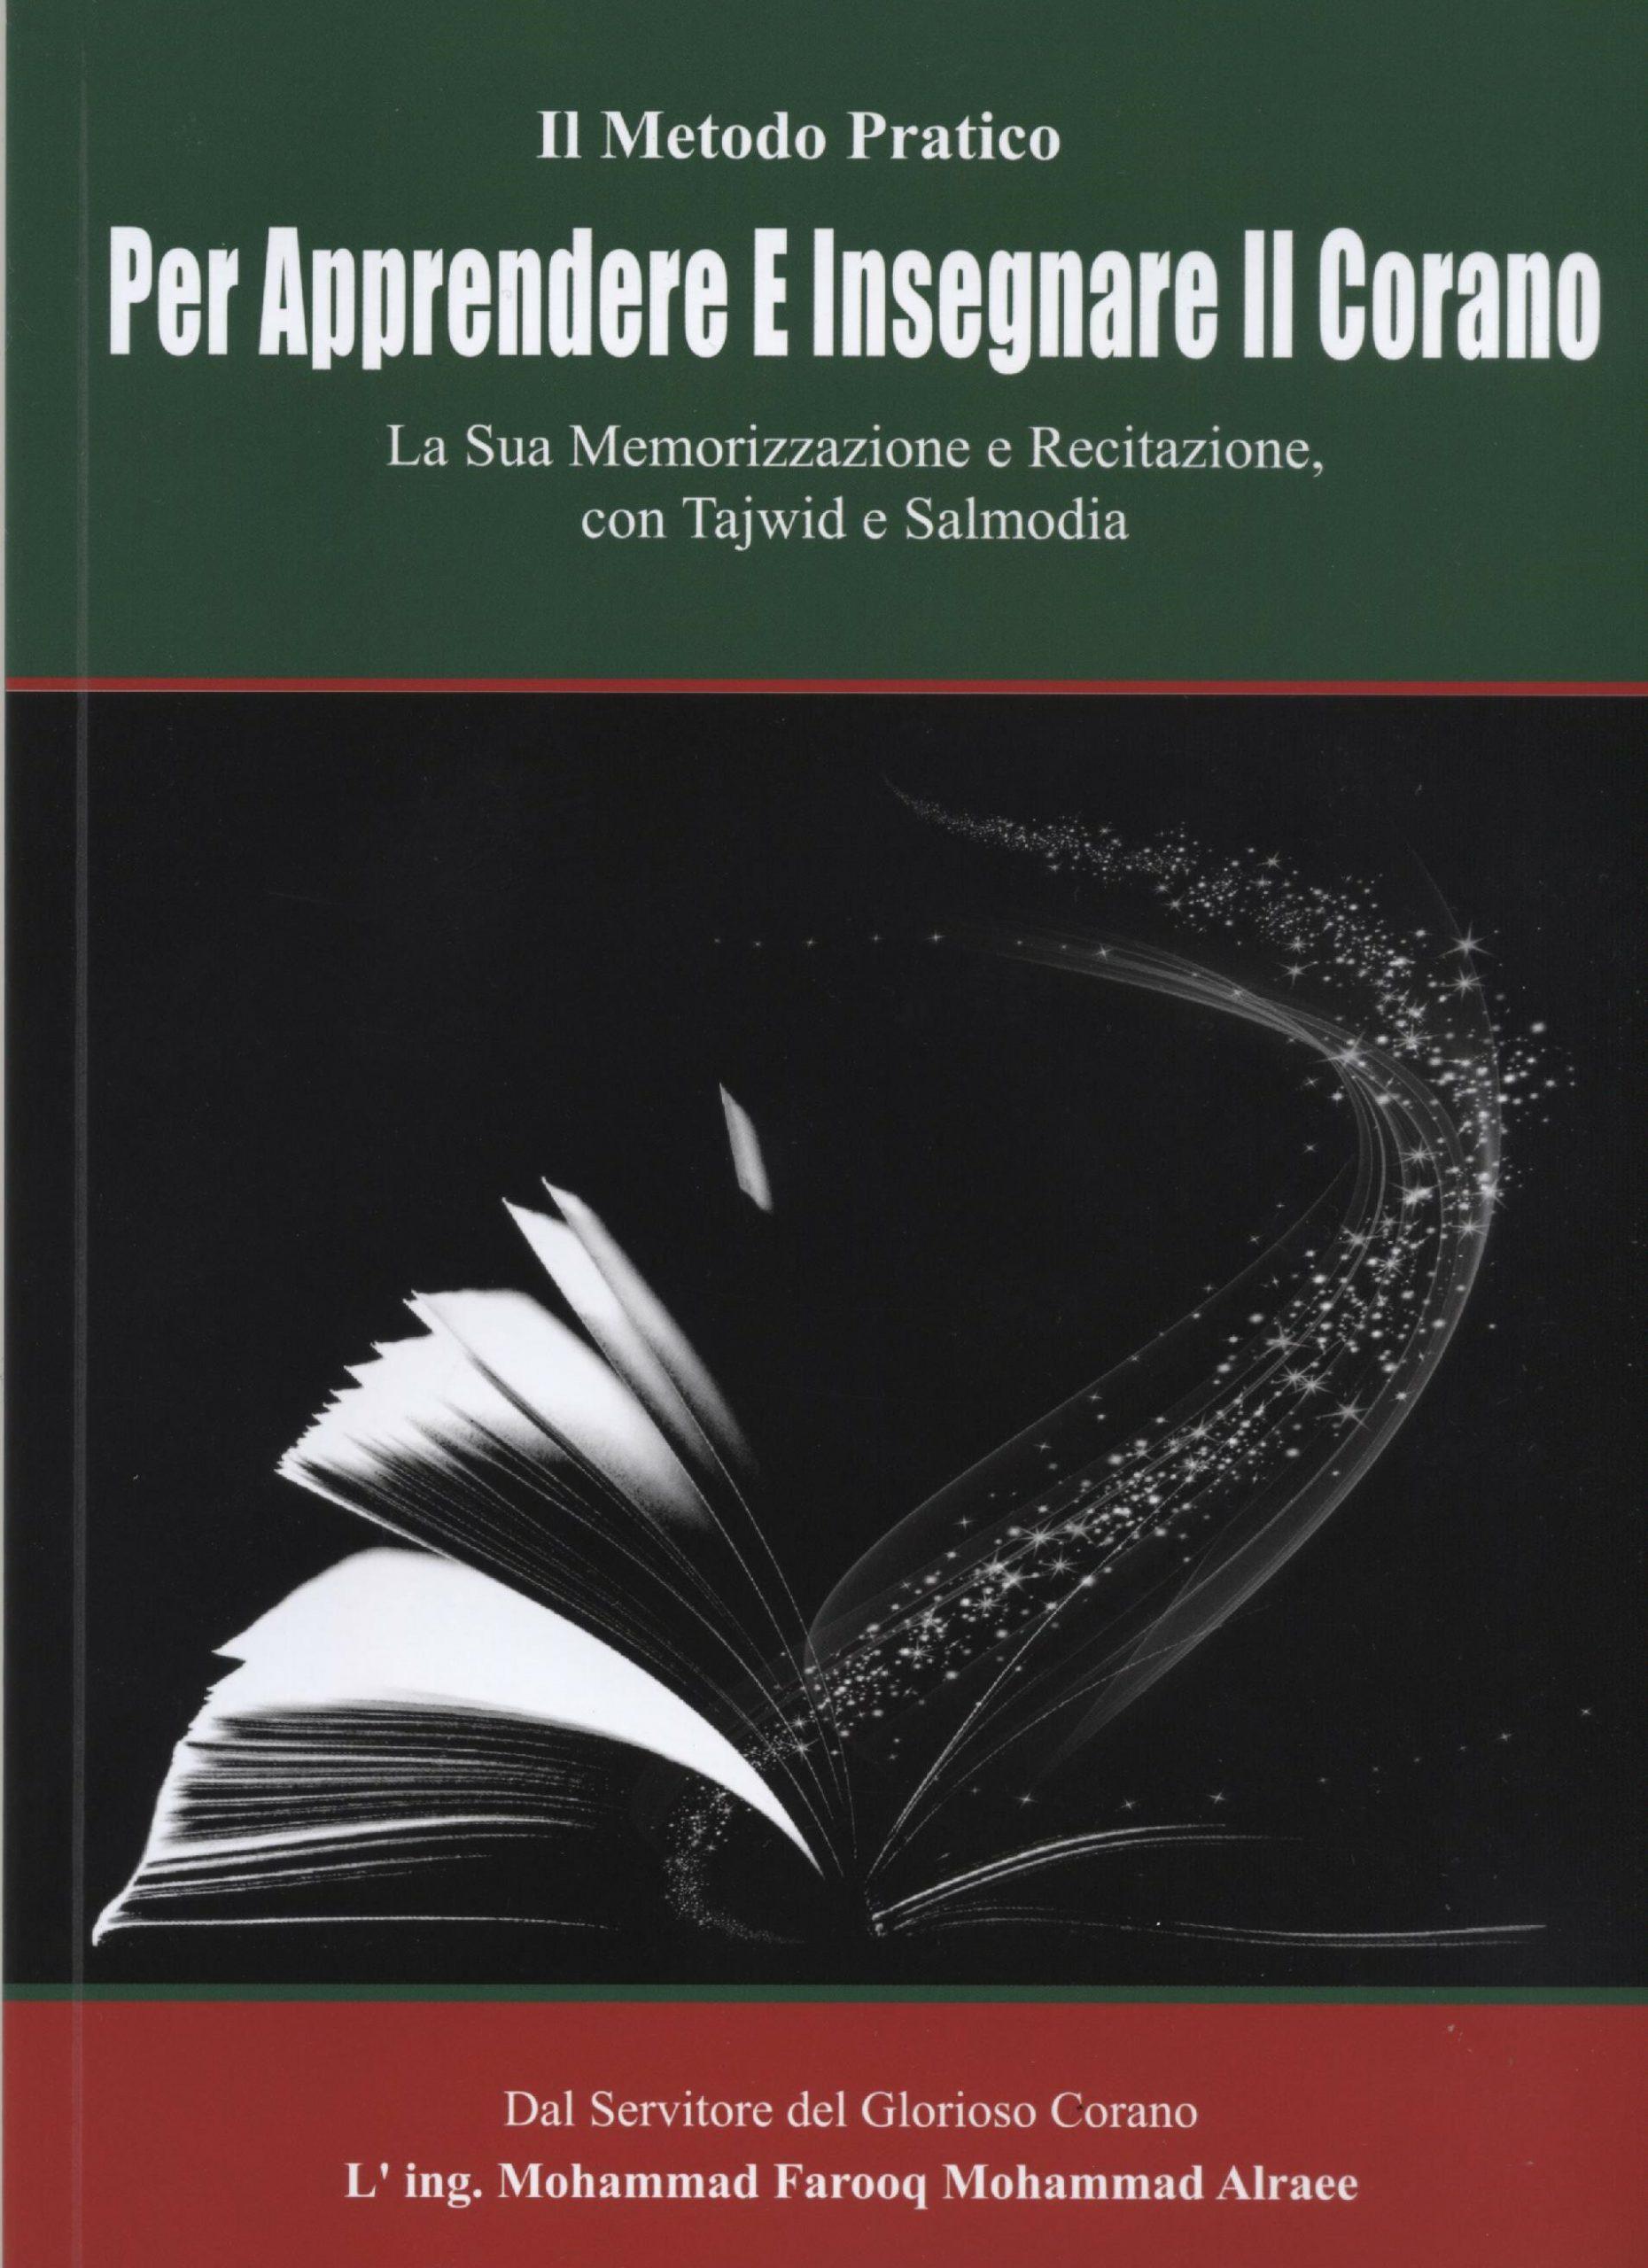 Per apprendere e insegnare il Corano